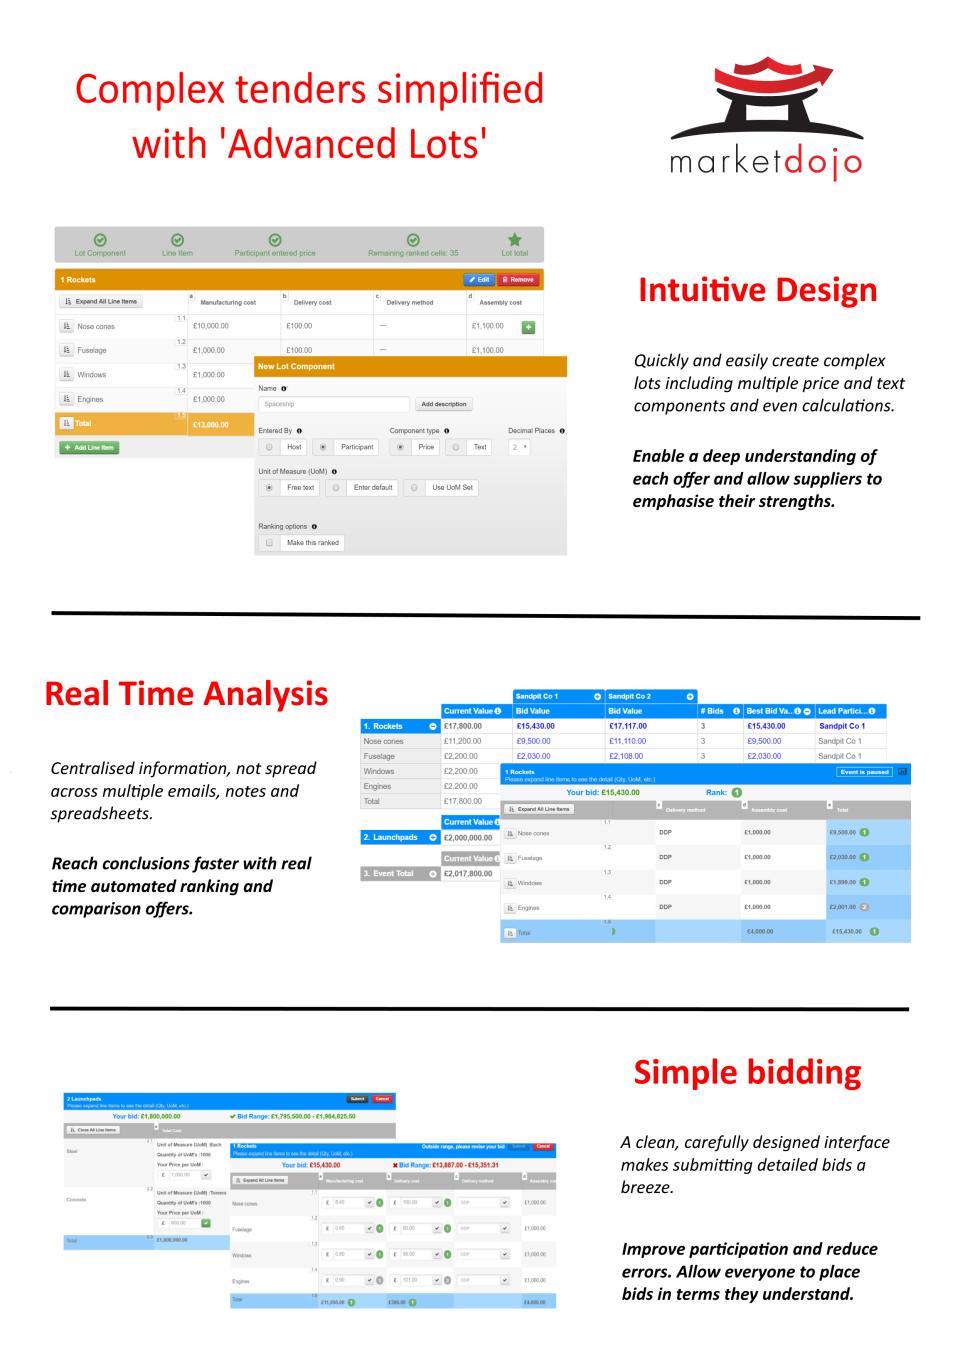 Market Dojo Software - Advanced Lots